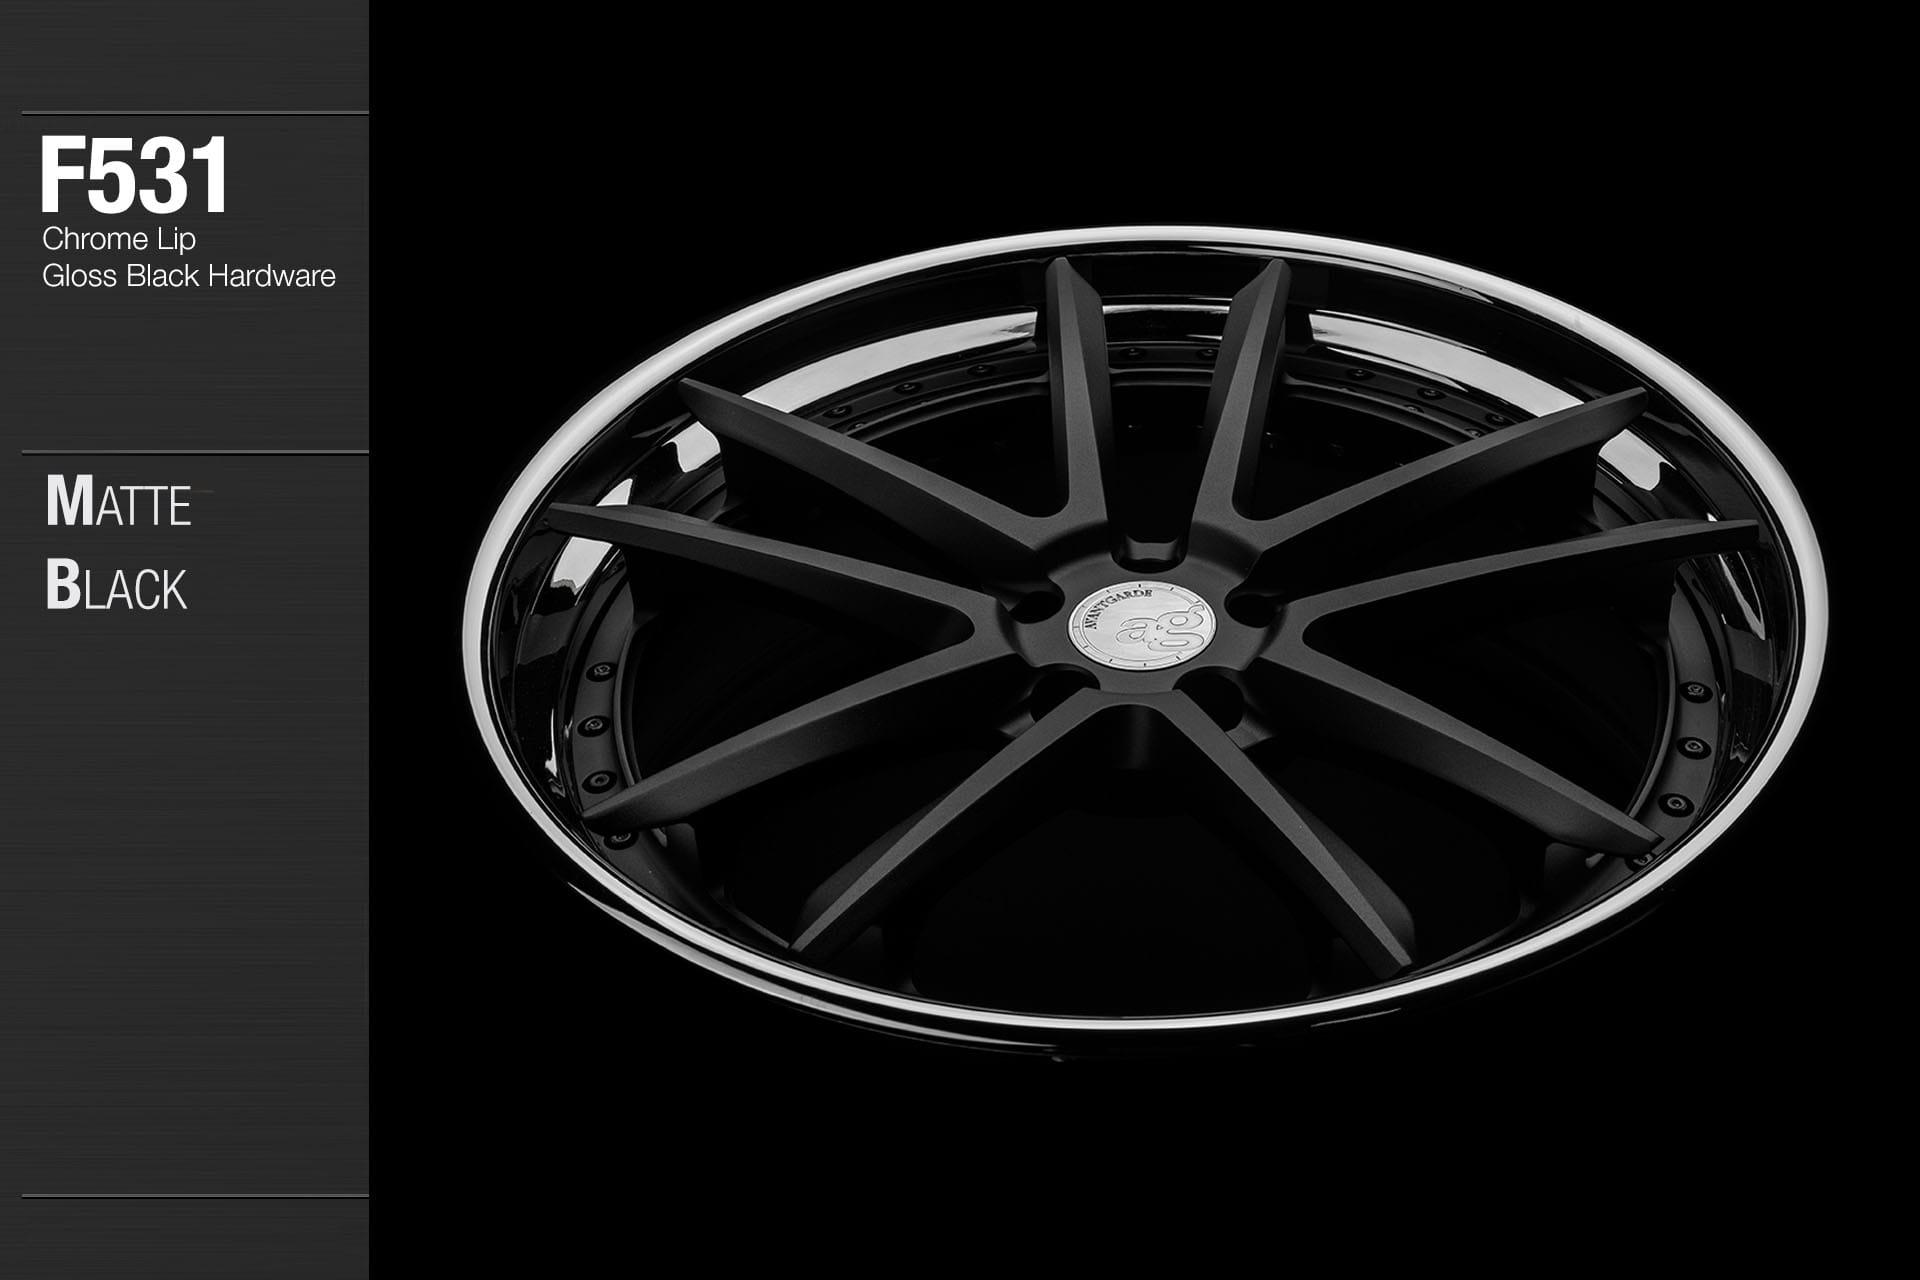 avant-garde-ag-wheels-f531-matte-black-face-chrome-lip-gloss-black-hardware-3-min